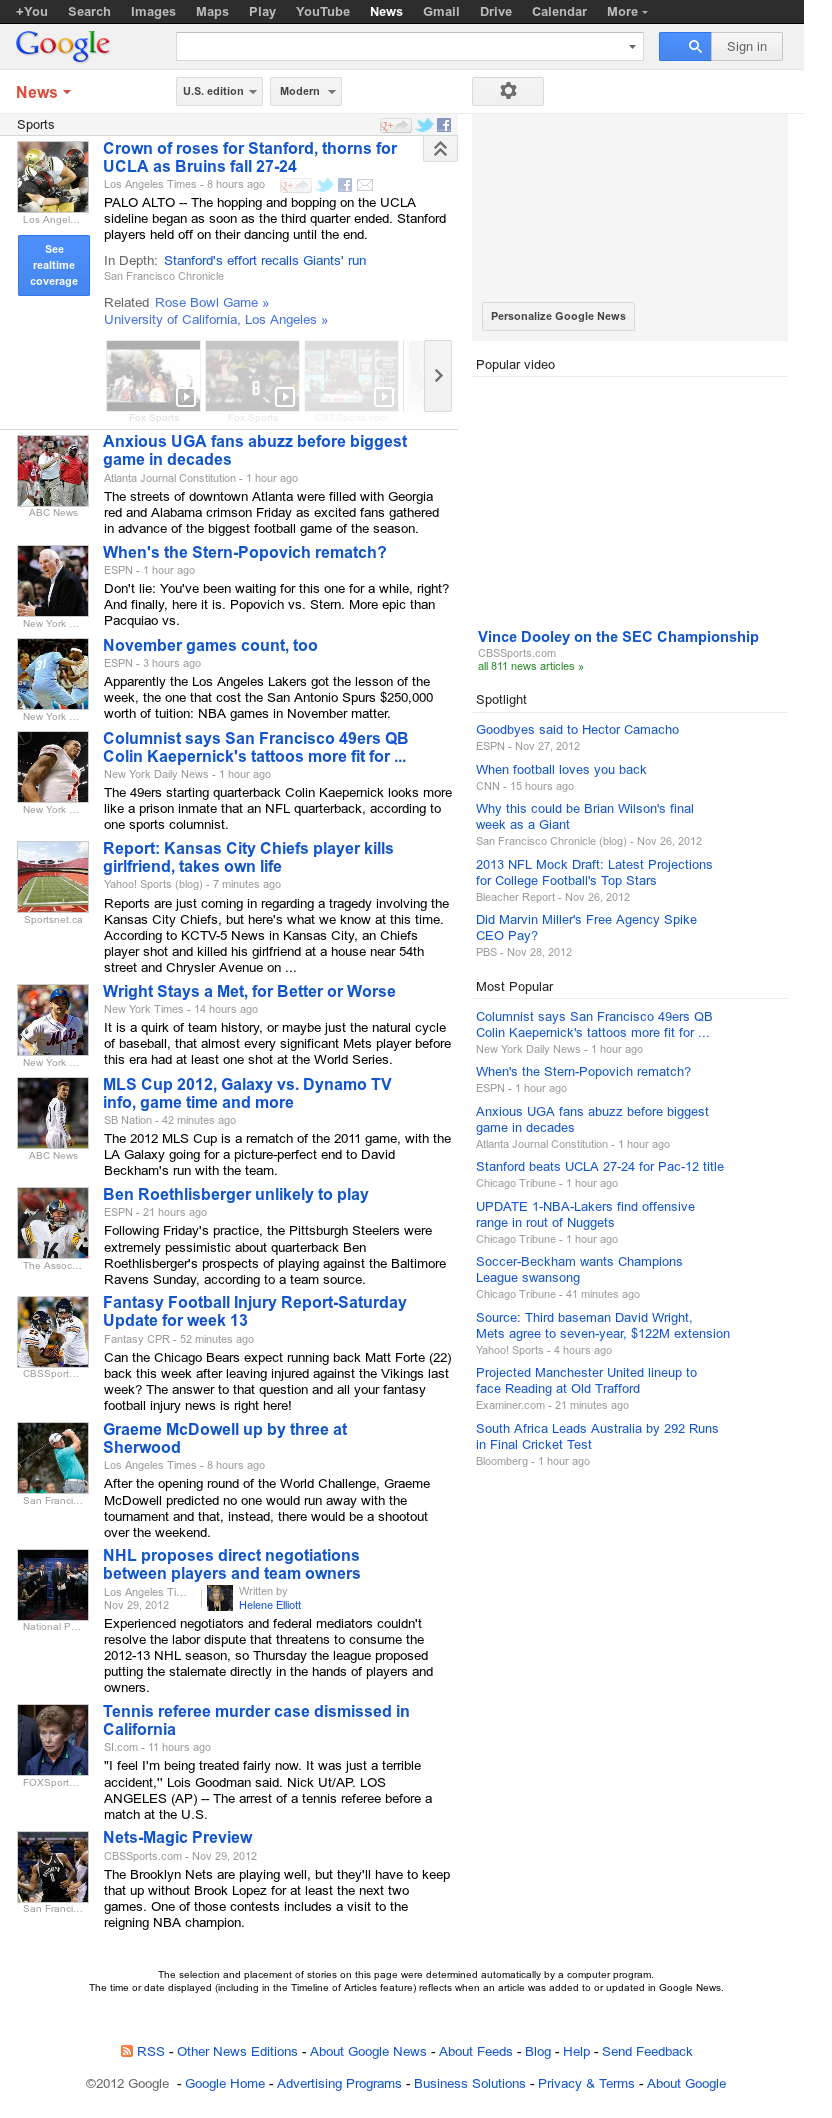 Google News: Sports at Saturday Dec. 1, 2012, 4:12 p.m. UTC